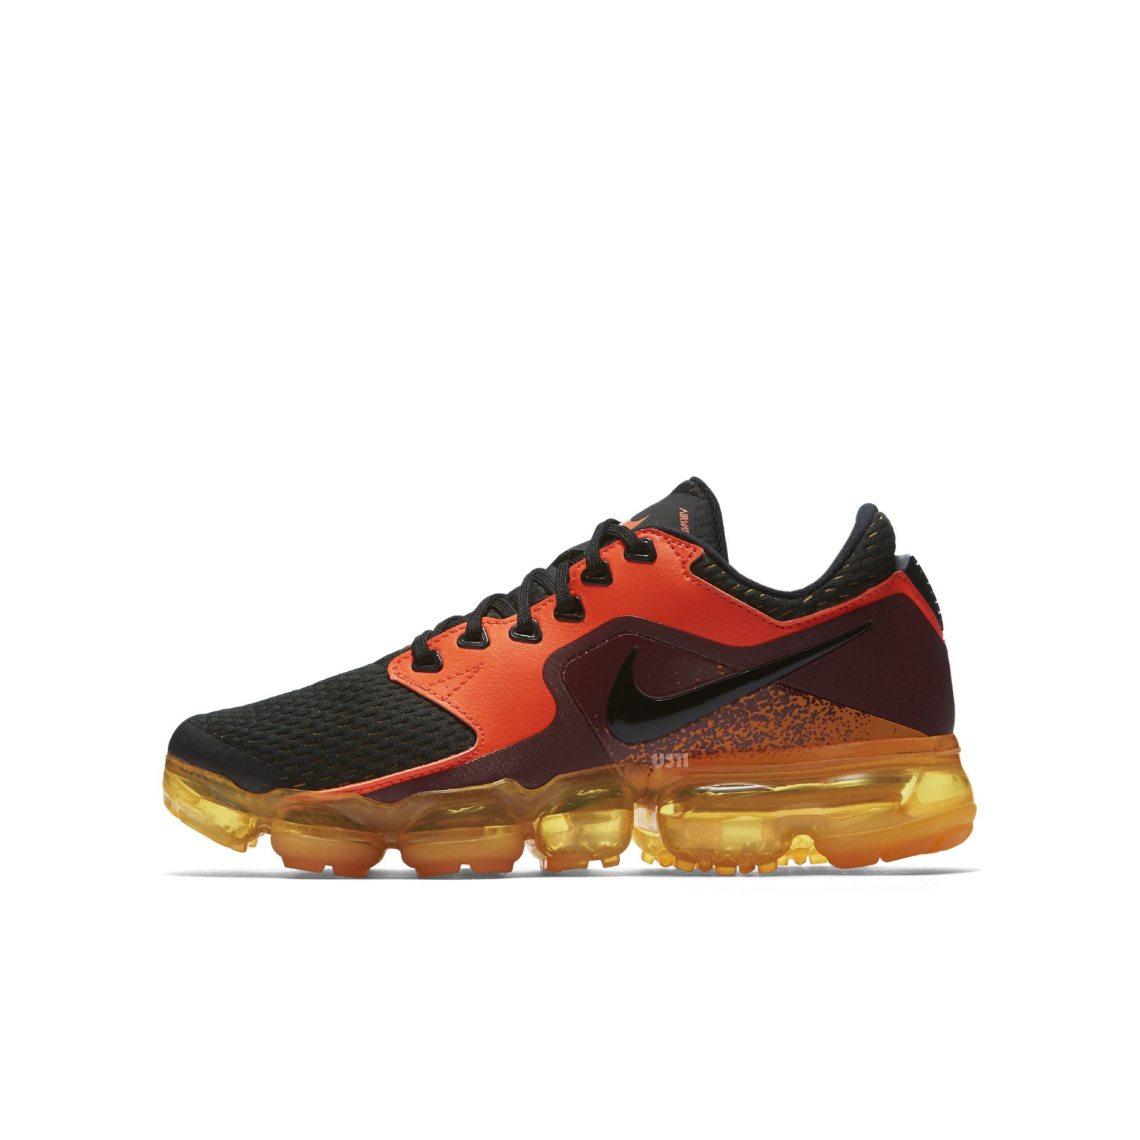 c6358b958e9 ... Black Size 8.5 Men-women 10 924501 Nike Air VaporMax CS ...